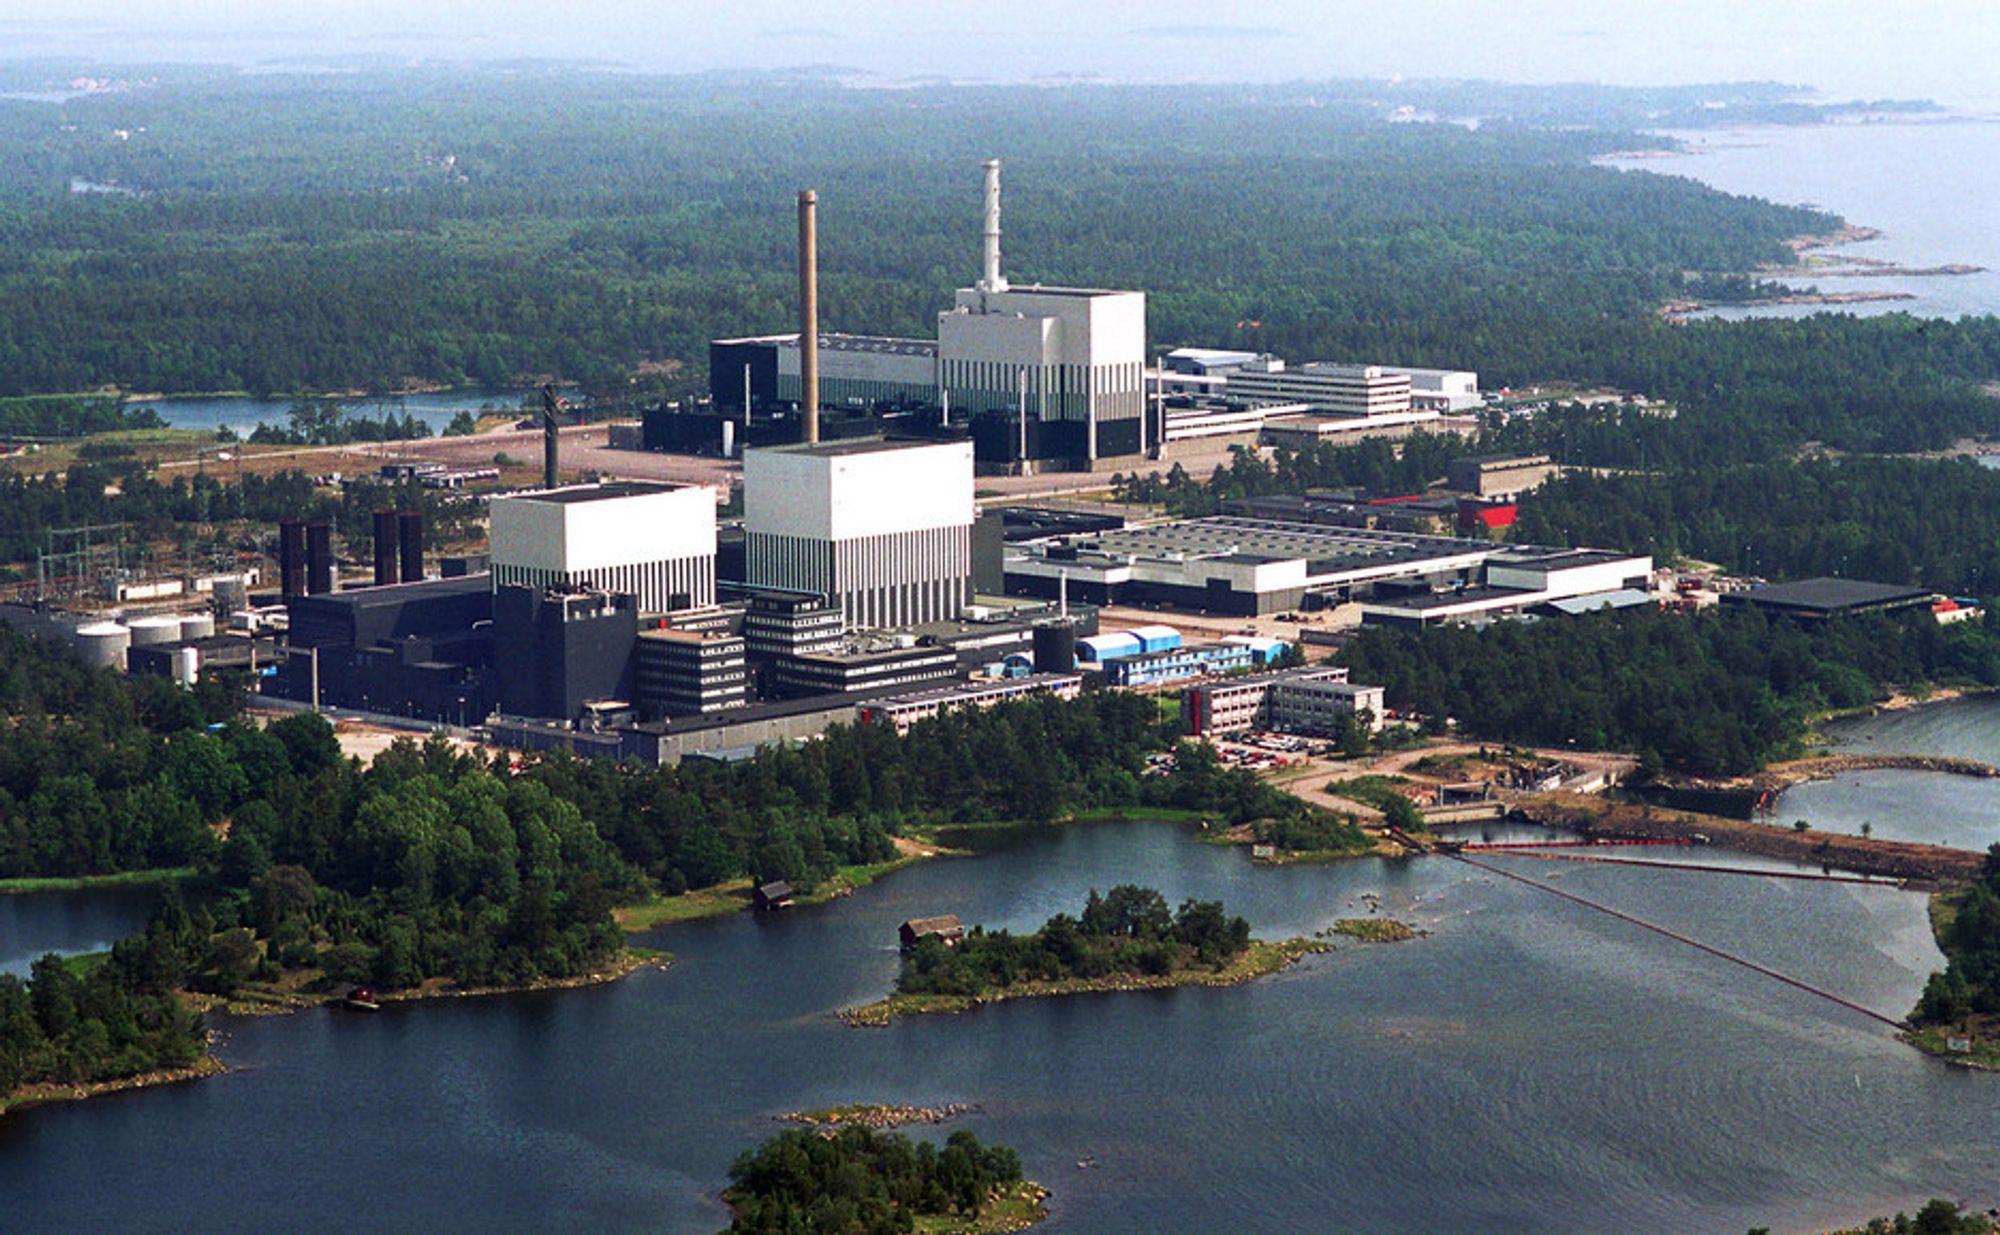 E.On har tre reaktorer på kjernekraftverket i Oskarshamn. Ansatte med kjernekrafterfaring får ikke snakke med media.